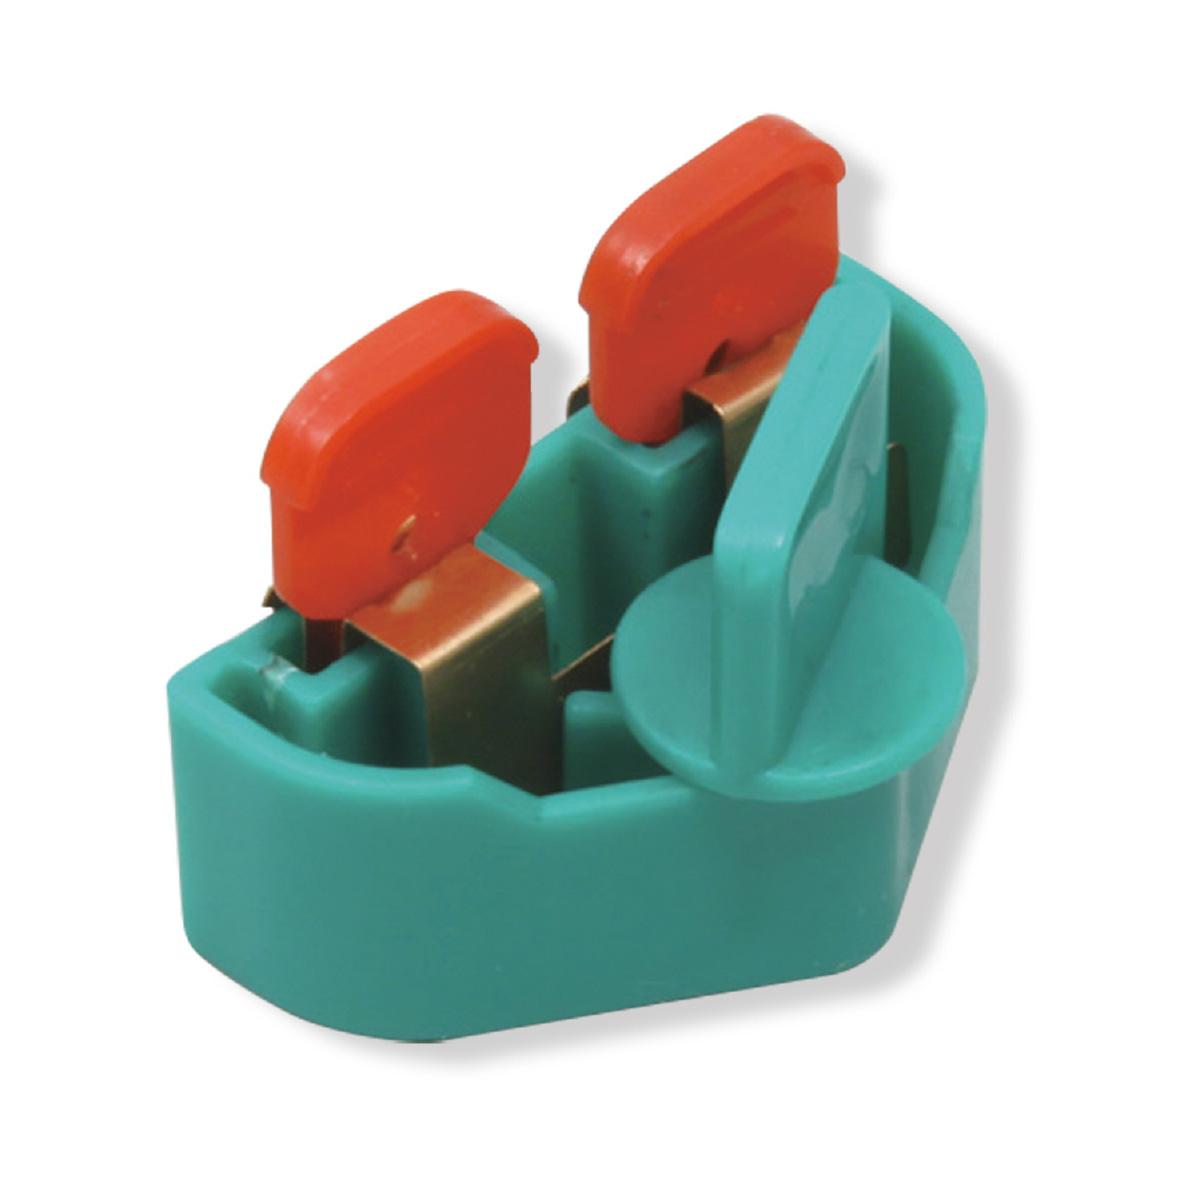 定形外可 実験 科学 工作 メーカー公式 子供 キッズ 学習教材 スイッチ キット 備品 理科 情熱セール